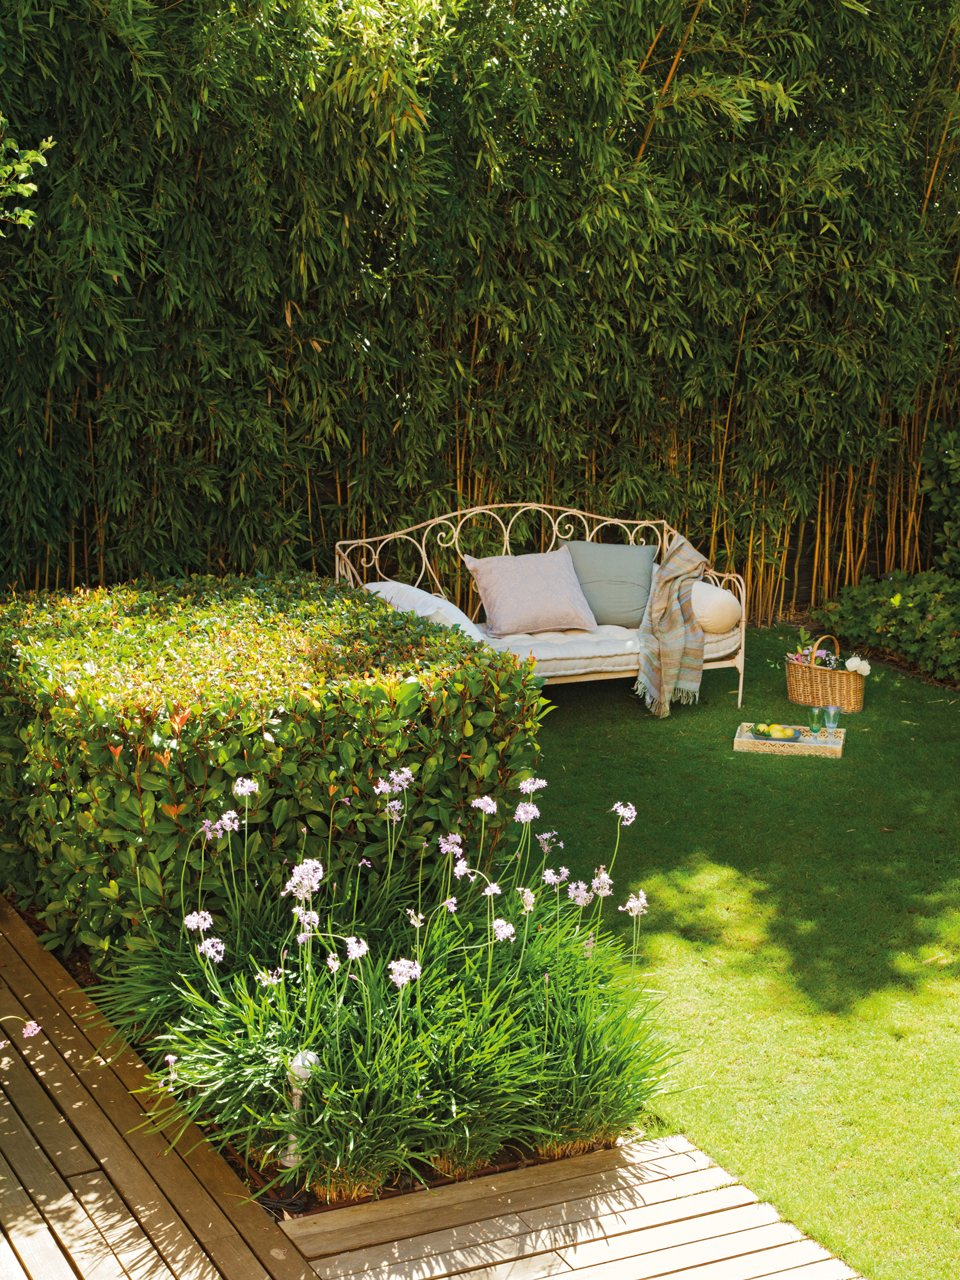 Casa y jard n en verdes y azules for Jardines verdes